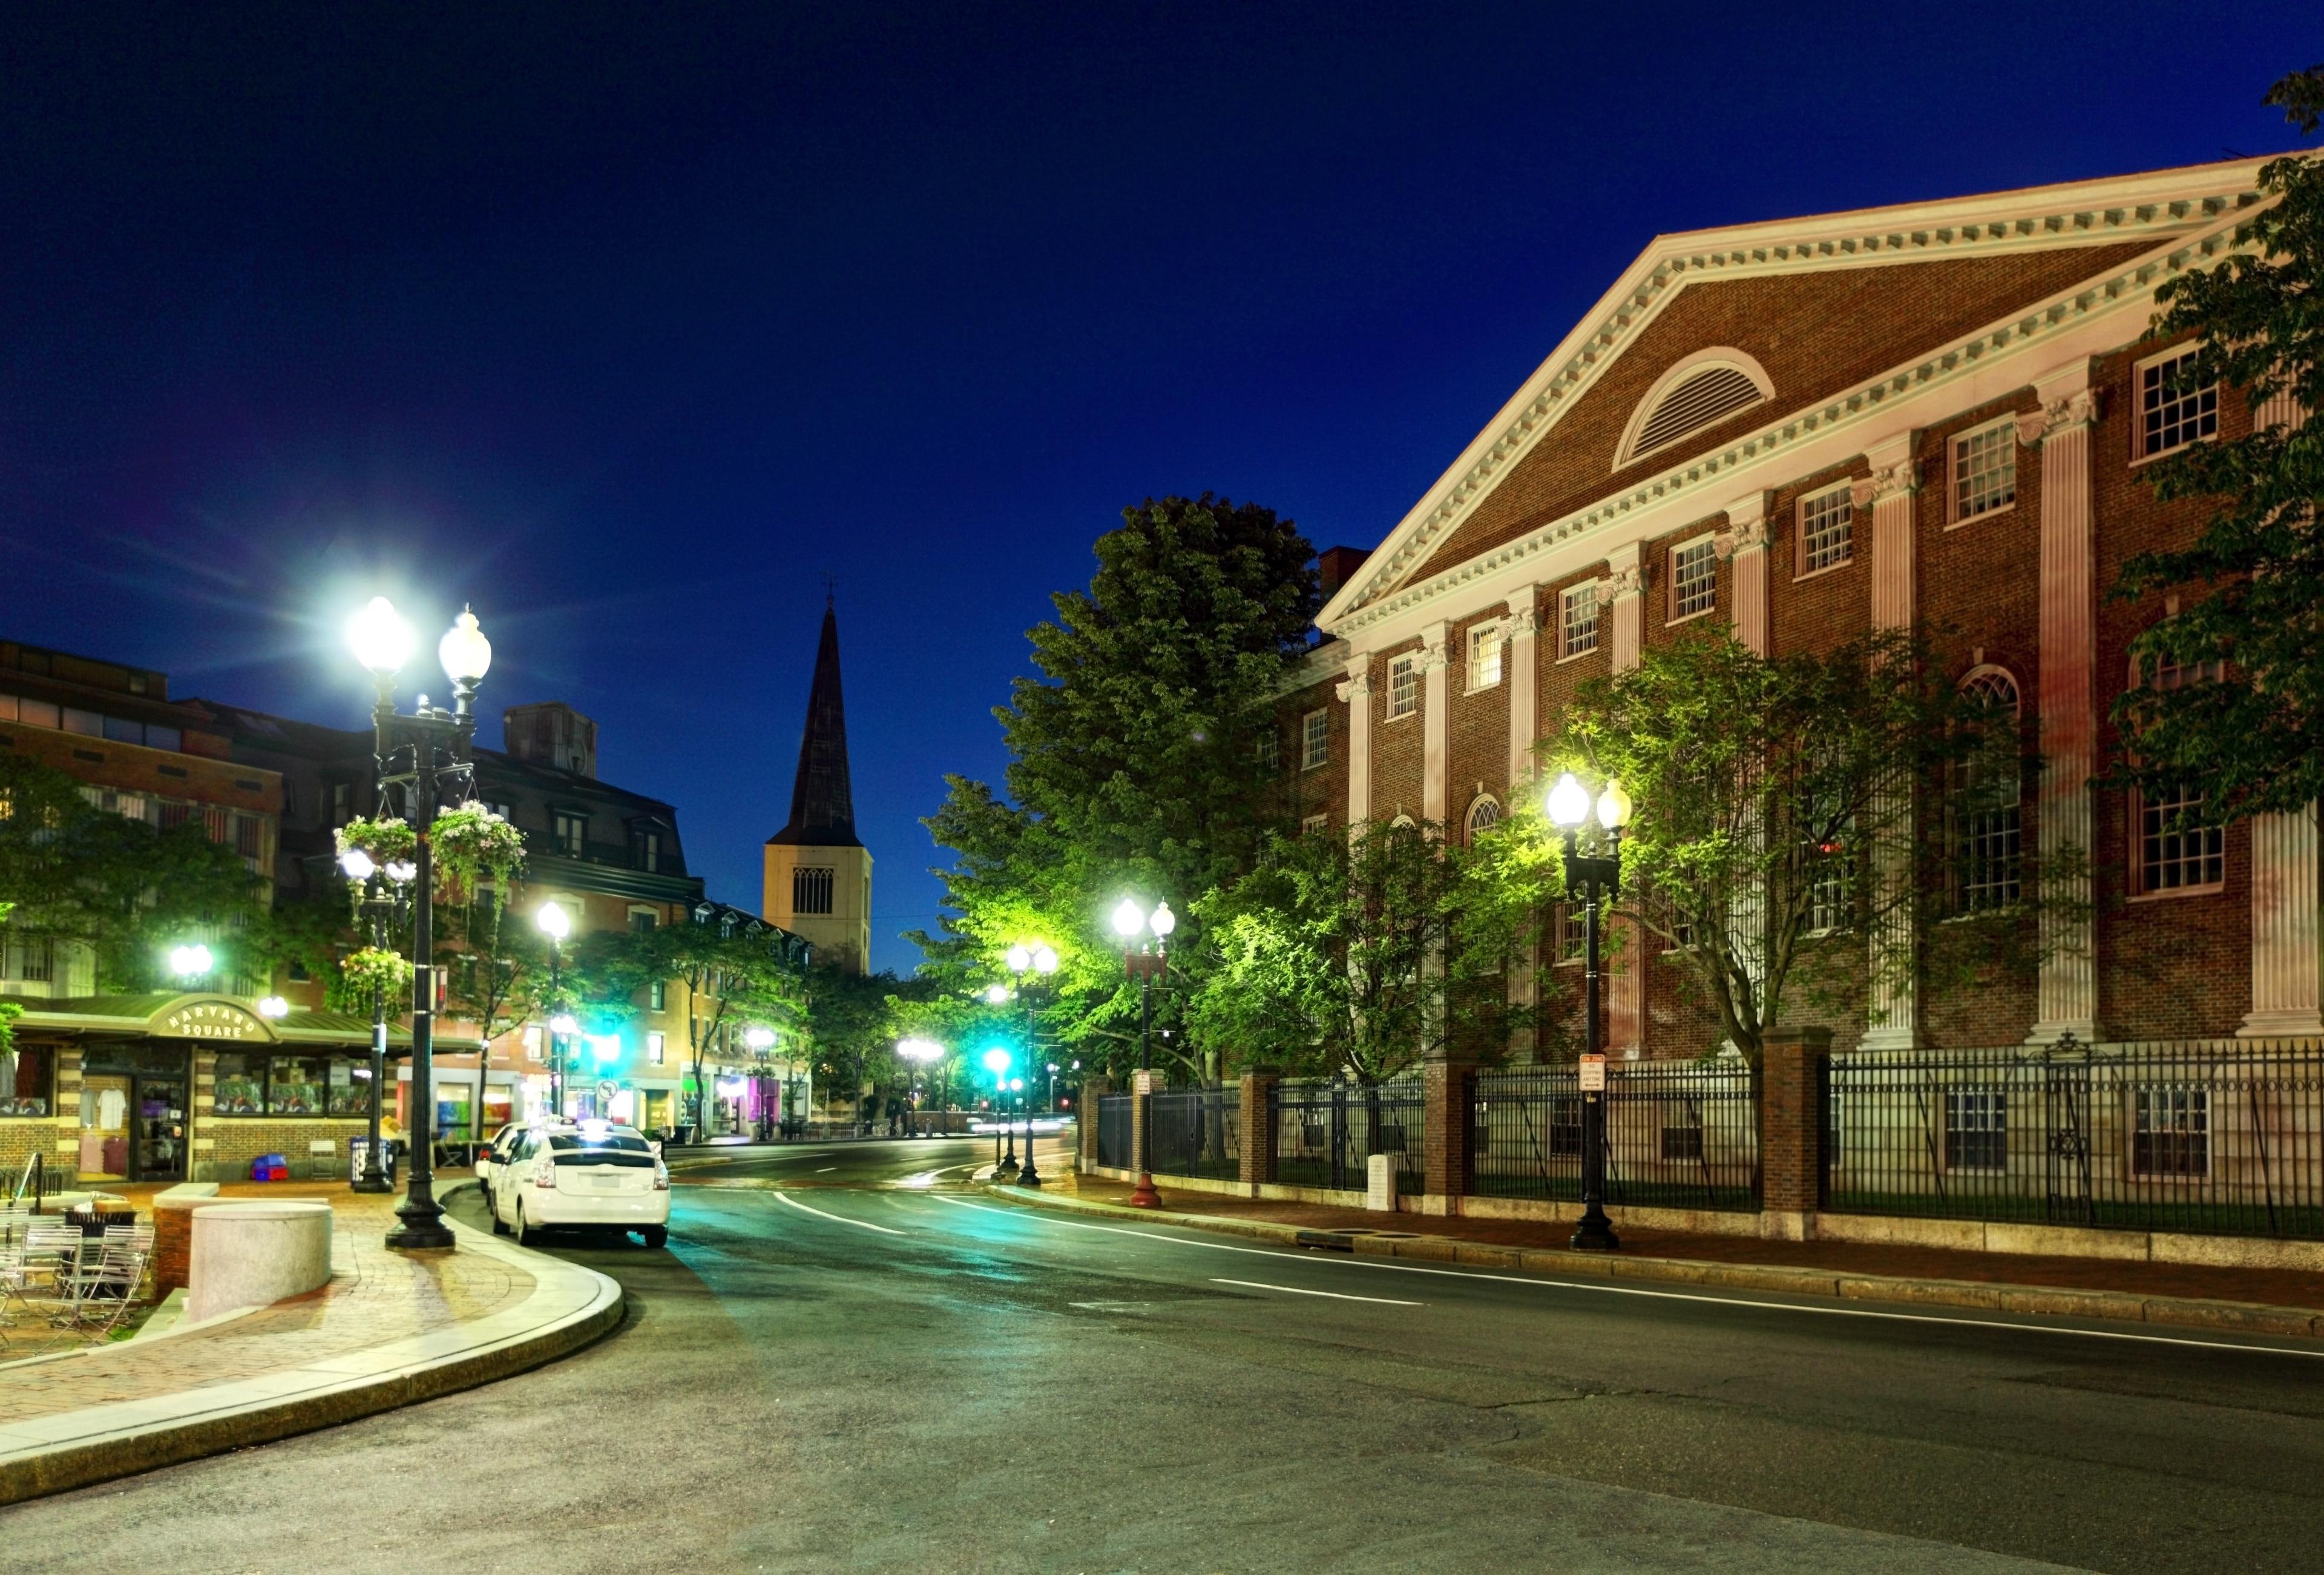 Harvard Square, Cambridge, Massachusetts, United States of America